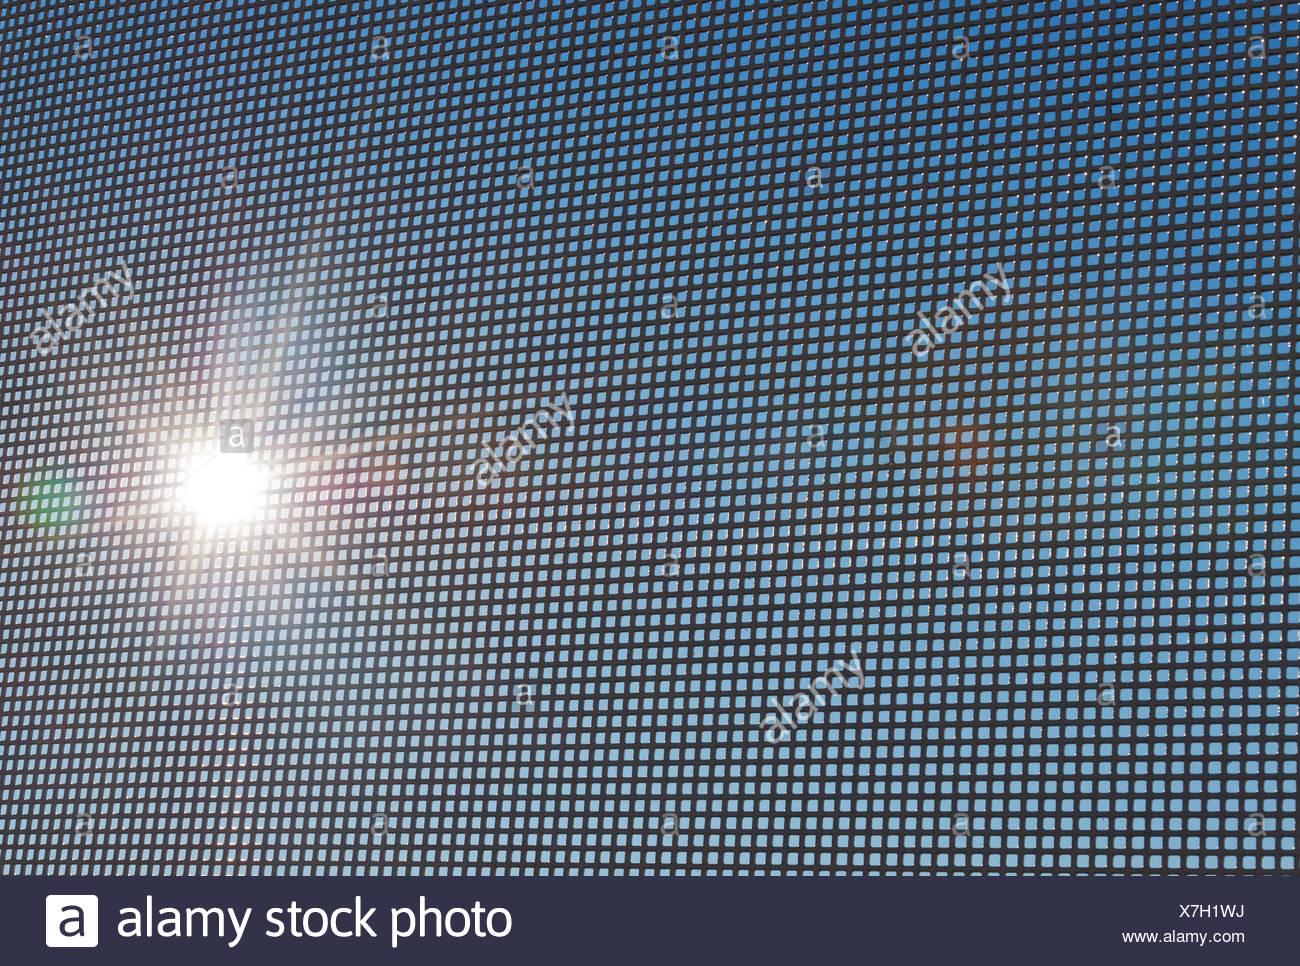 Grille grise sur la terrasse bien bekgraunde Photo Stock